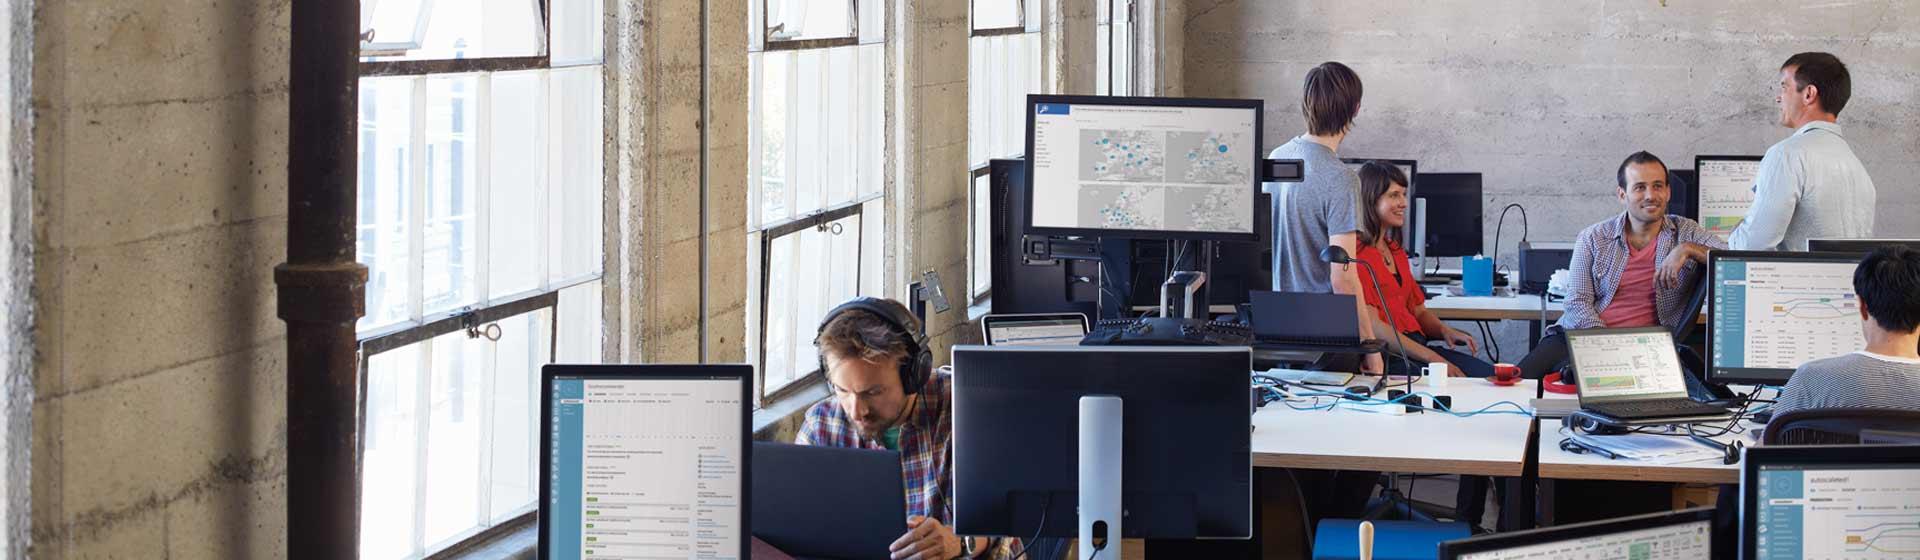 Kuva työtoverijoukosta istumassa ja seisomassa työpöytiensä ääressä toimistossa, jossa on paljon Office 365:tä käyttäviä tietokoneita